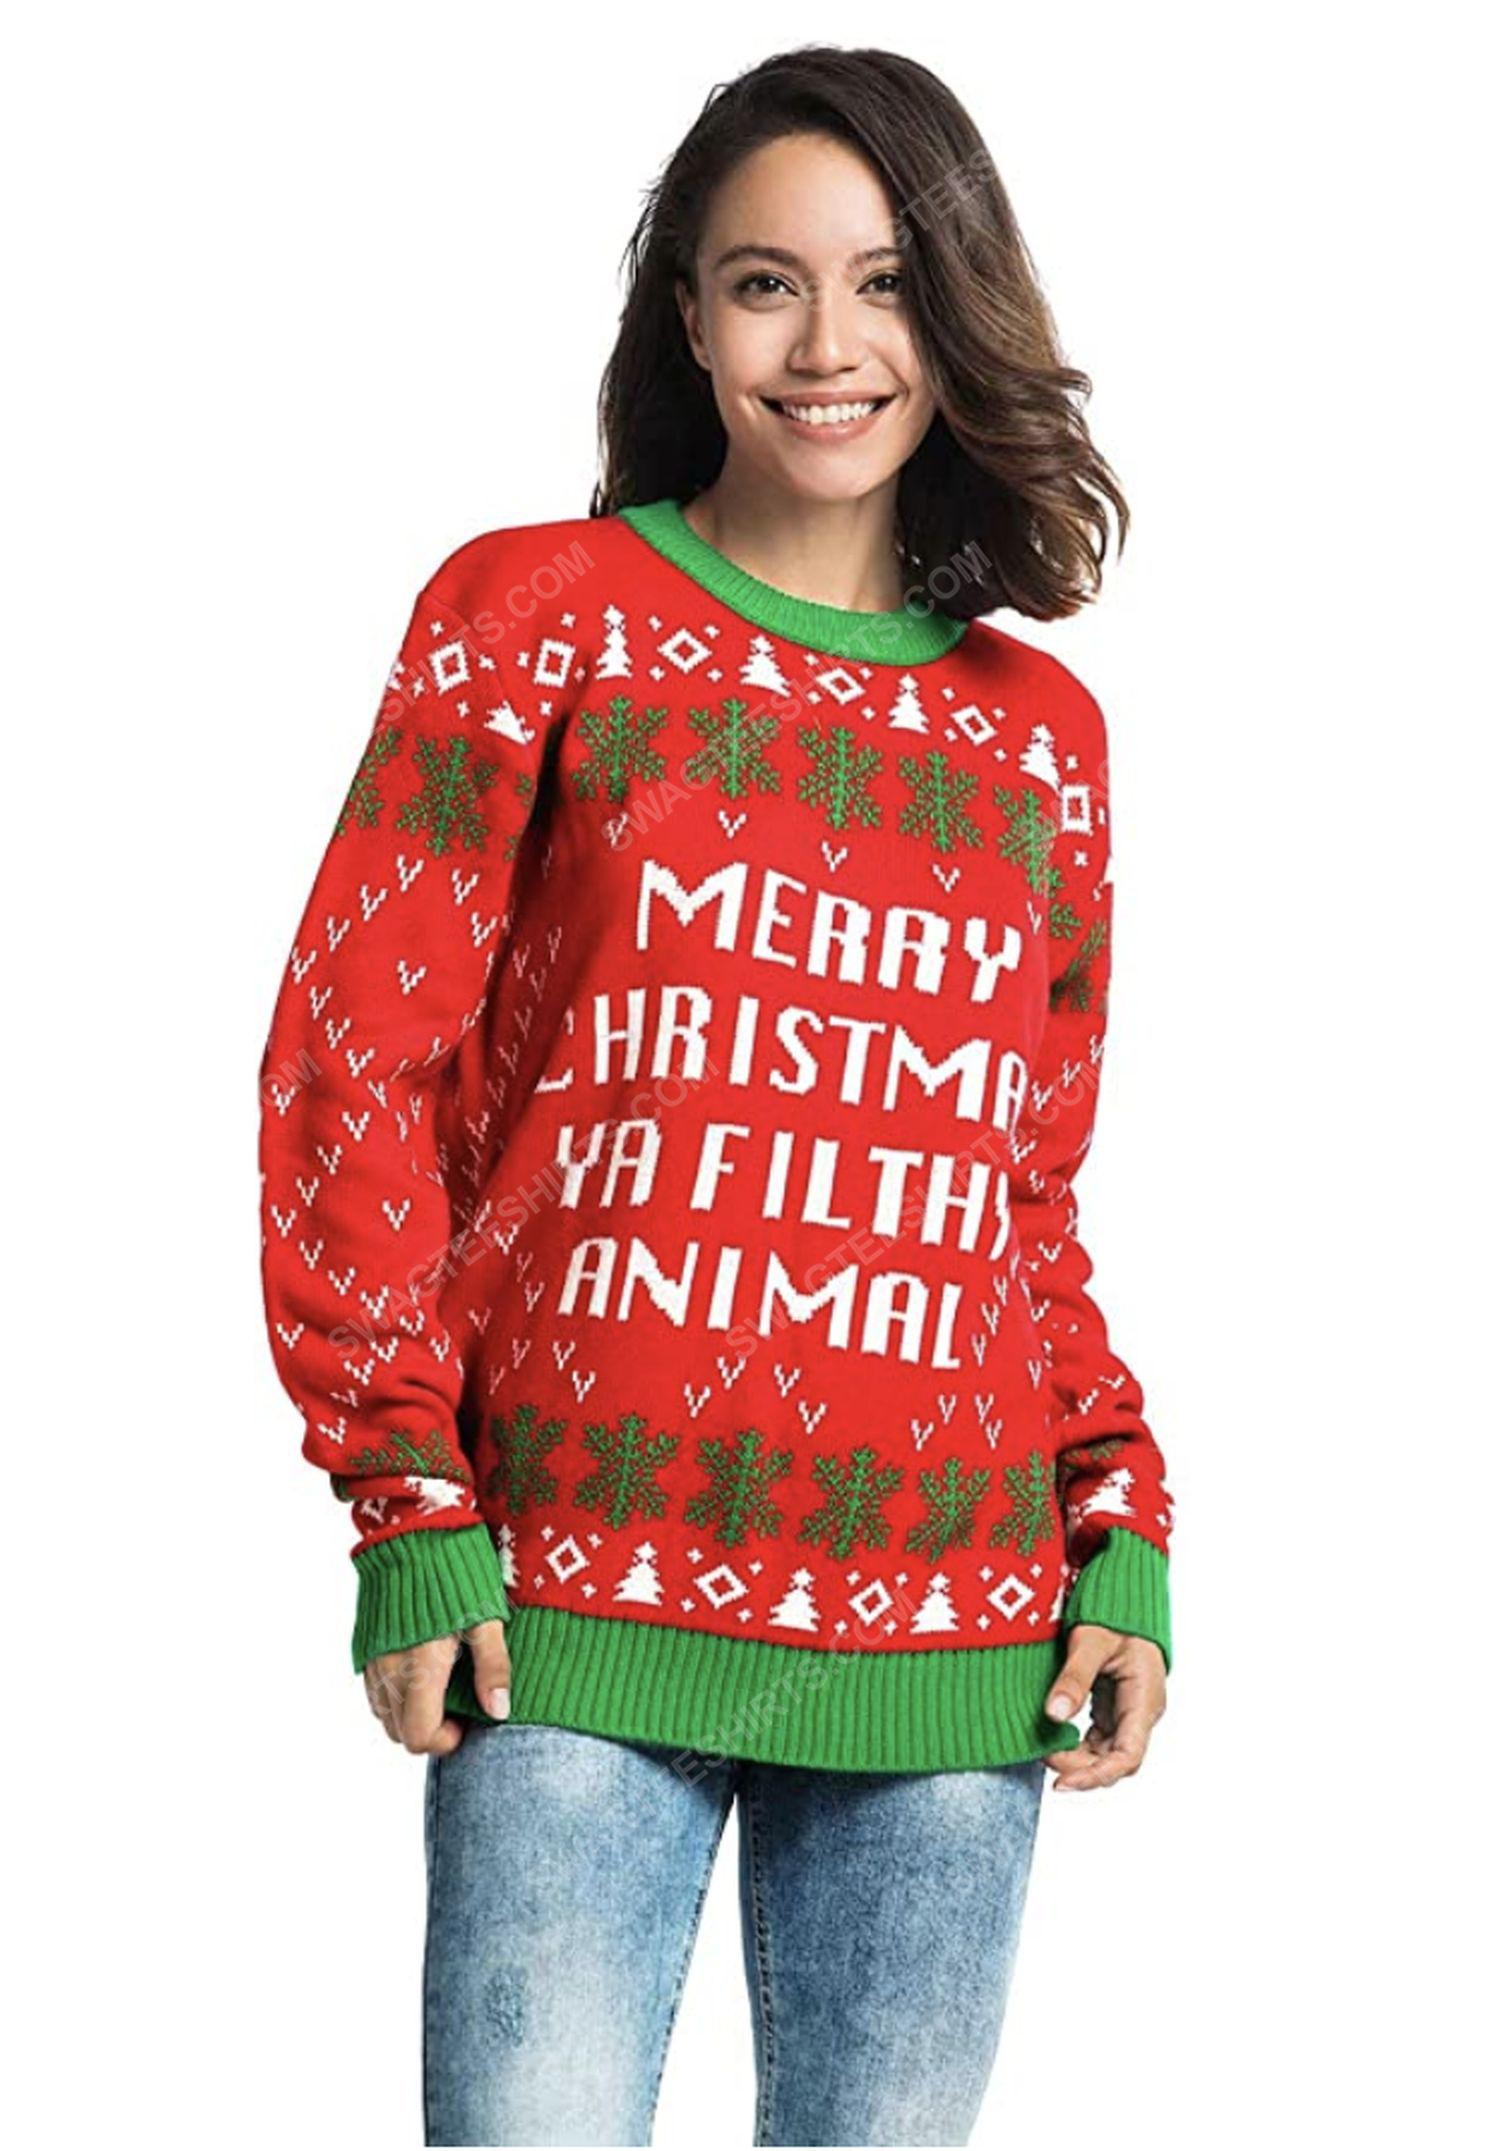 Merry christmas ya filthy animal full print ugly christmas sweater 2 - Copy